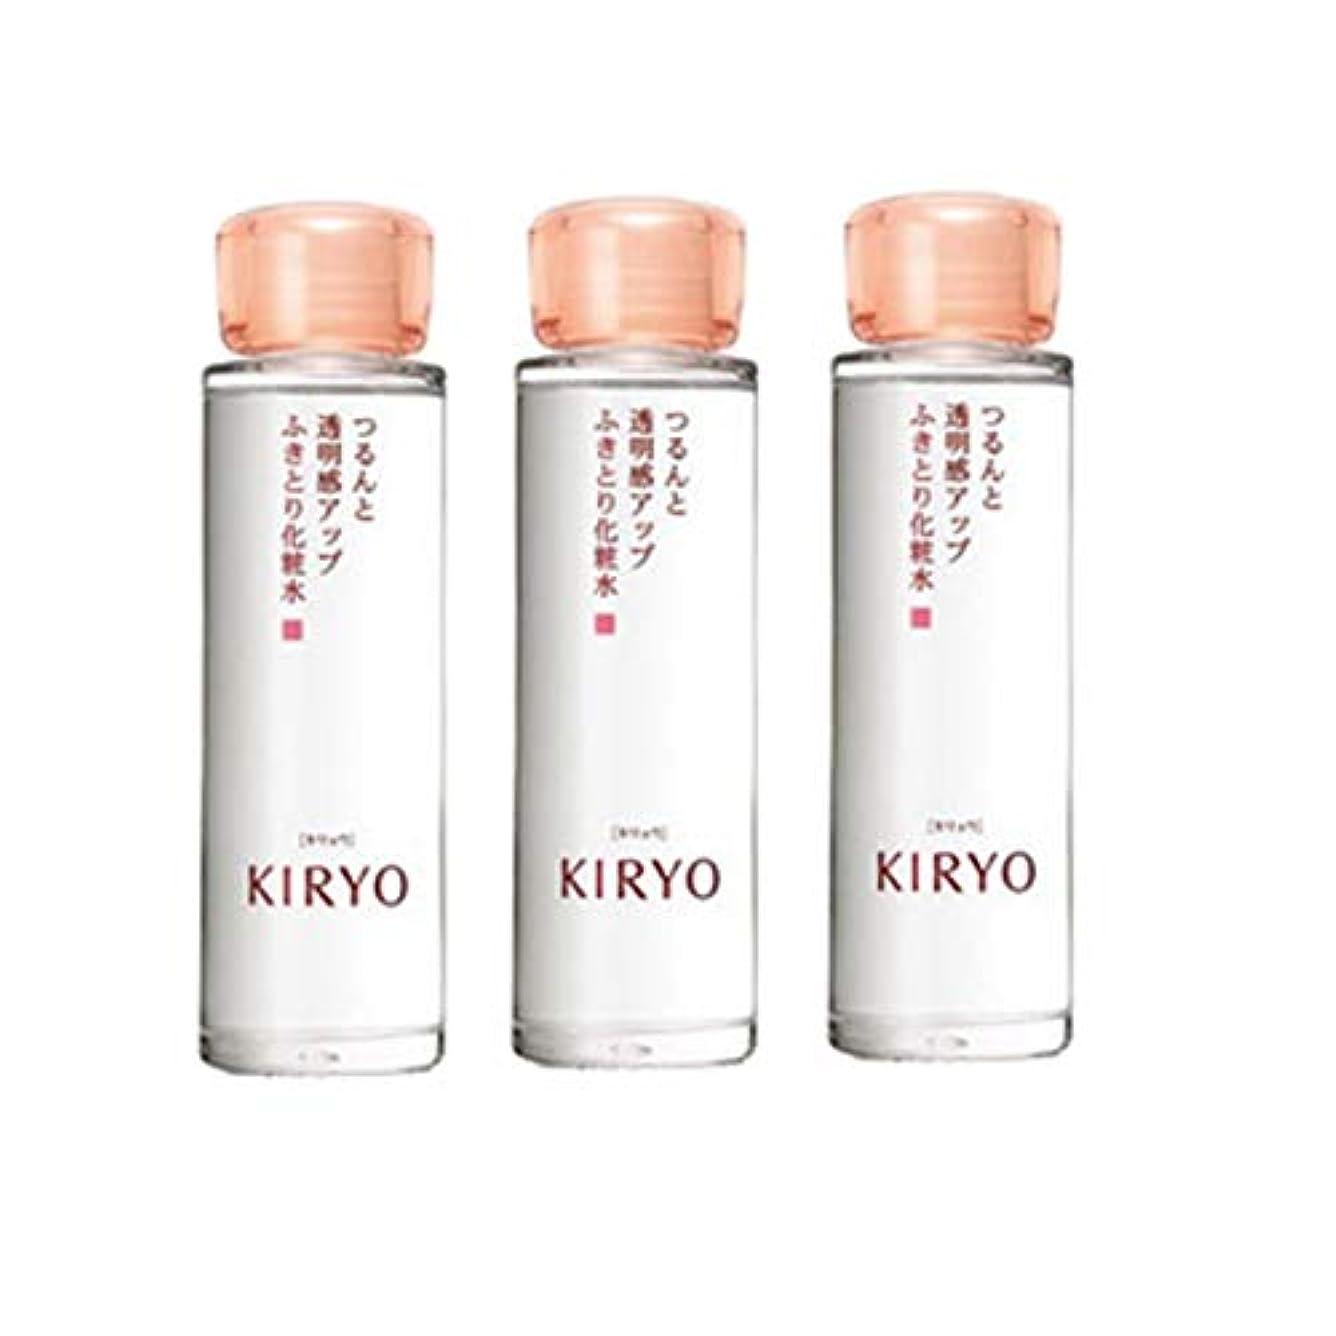 少数欠席顕著【資生堂/キリョウ】KIRYO クリアアップ ウオーターn 125ml ×3個セット【International shipping available】